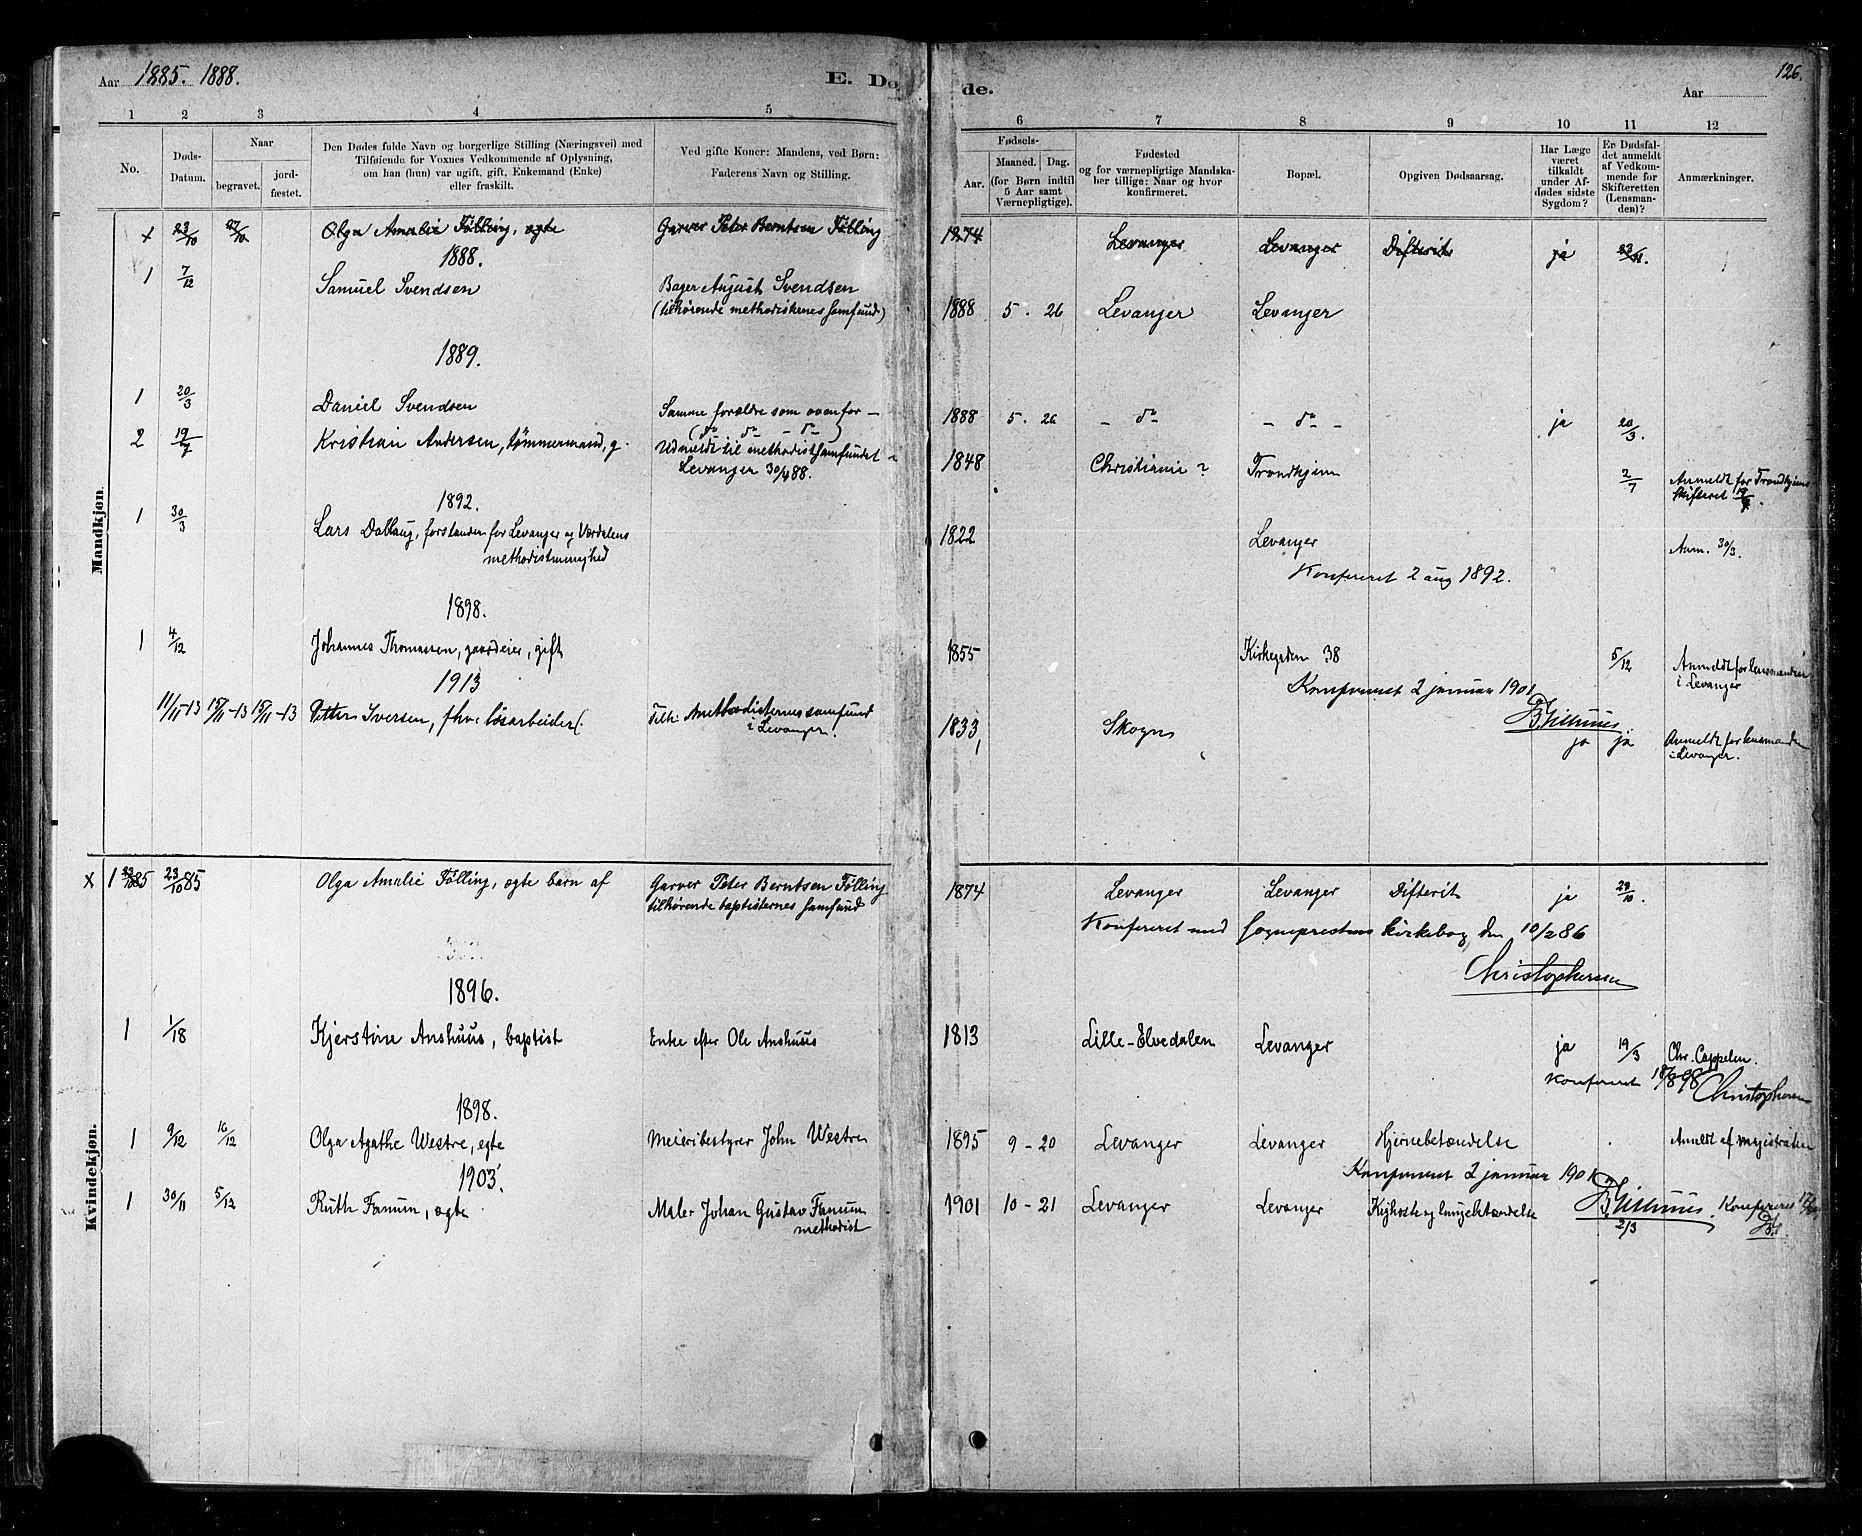 SAT, Ministerialprotokoller, klokkerbøker og fødselsregistre - Nord-Trøndelag, 720/L0192: Klokkerbok nr. 720C01, 1880-1917, s. 126